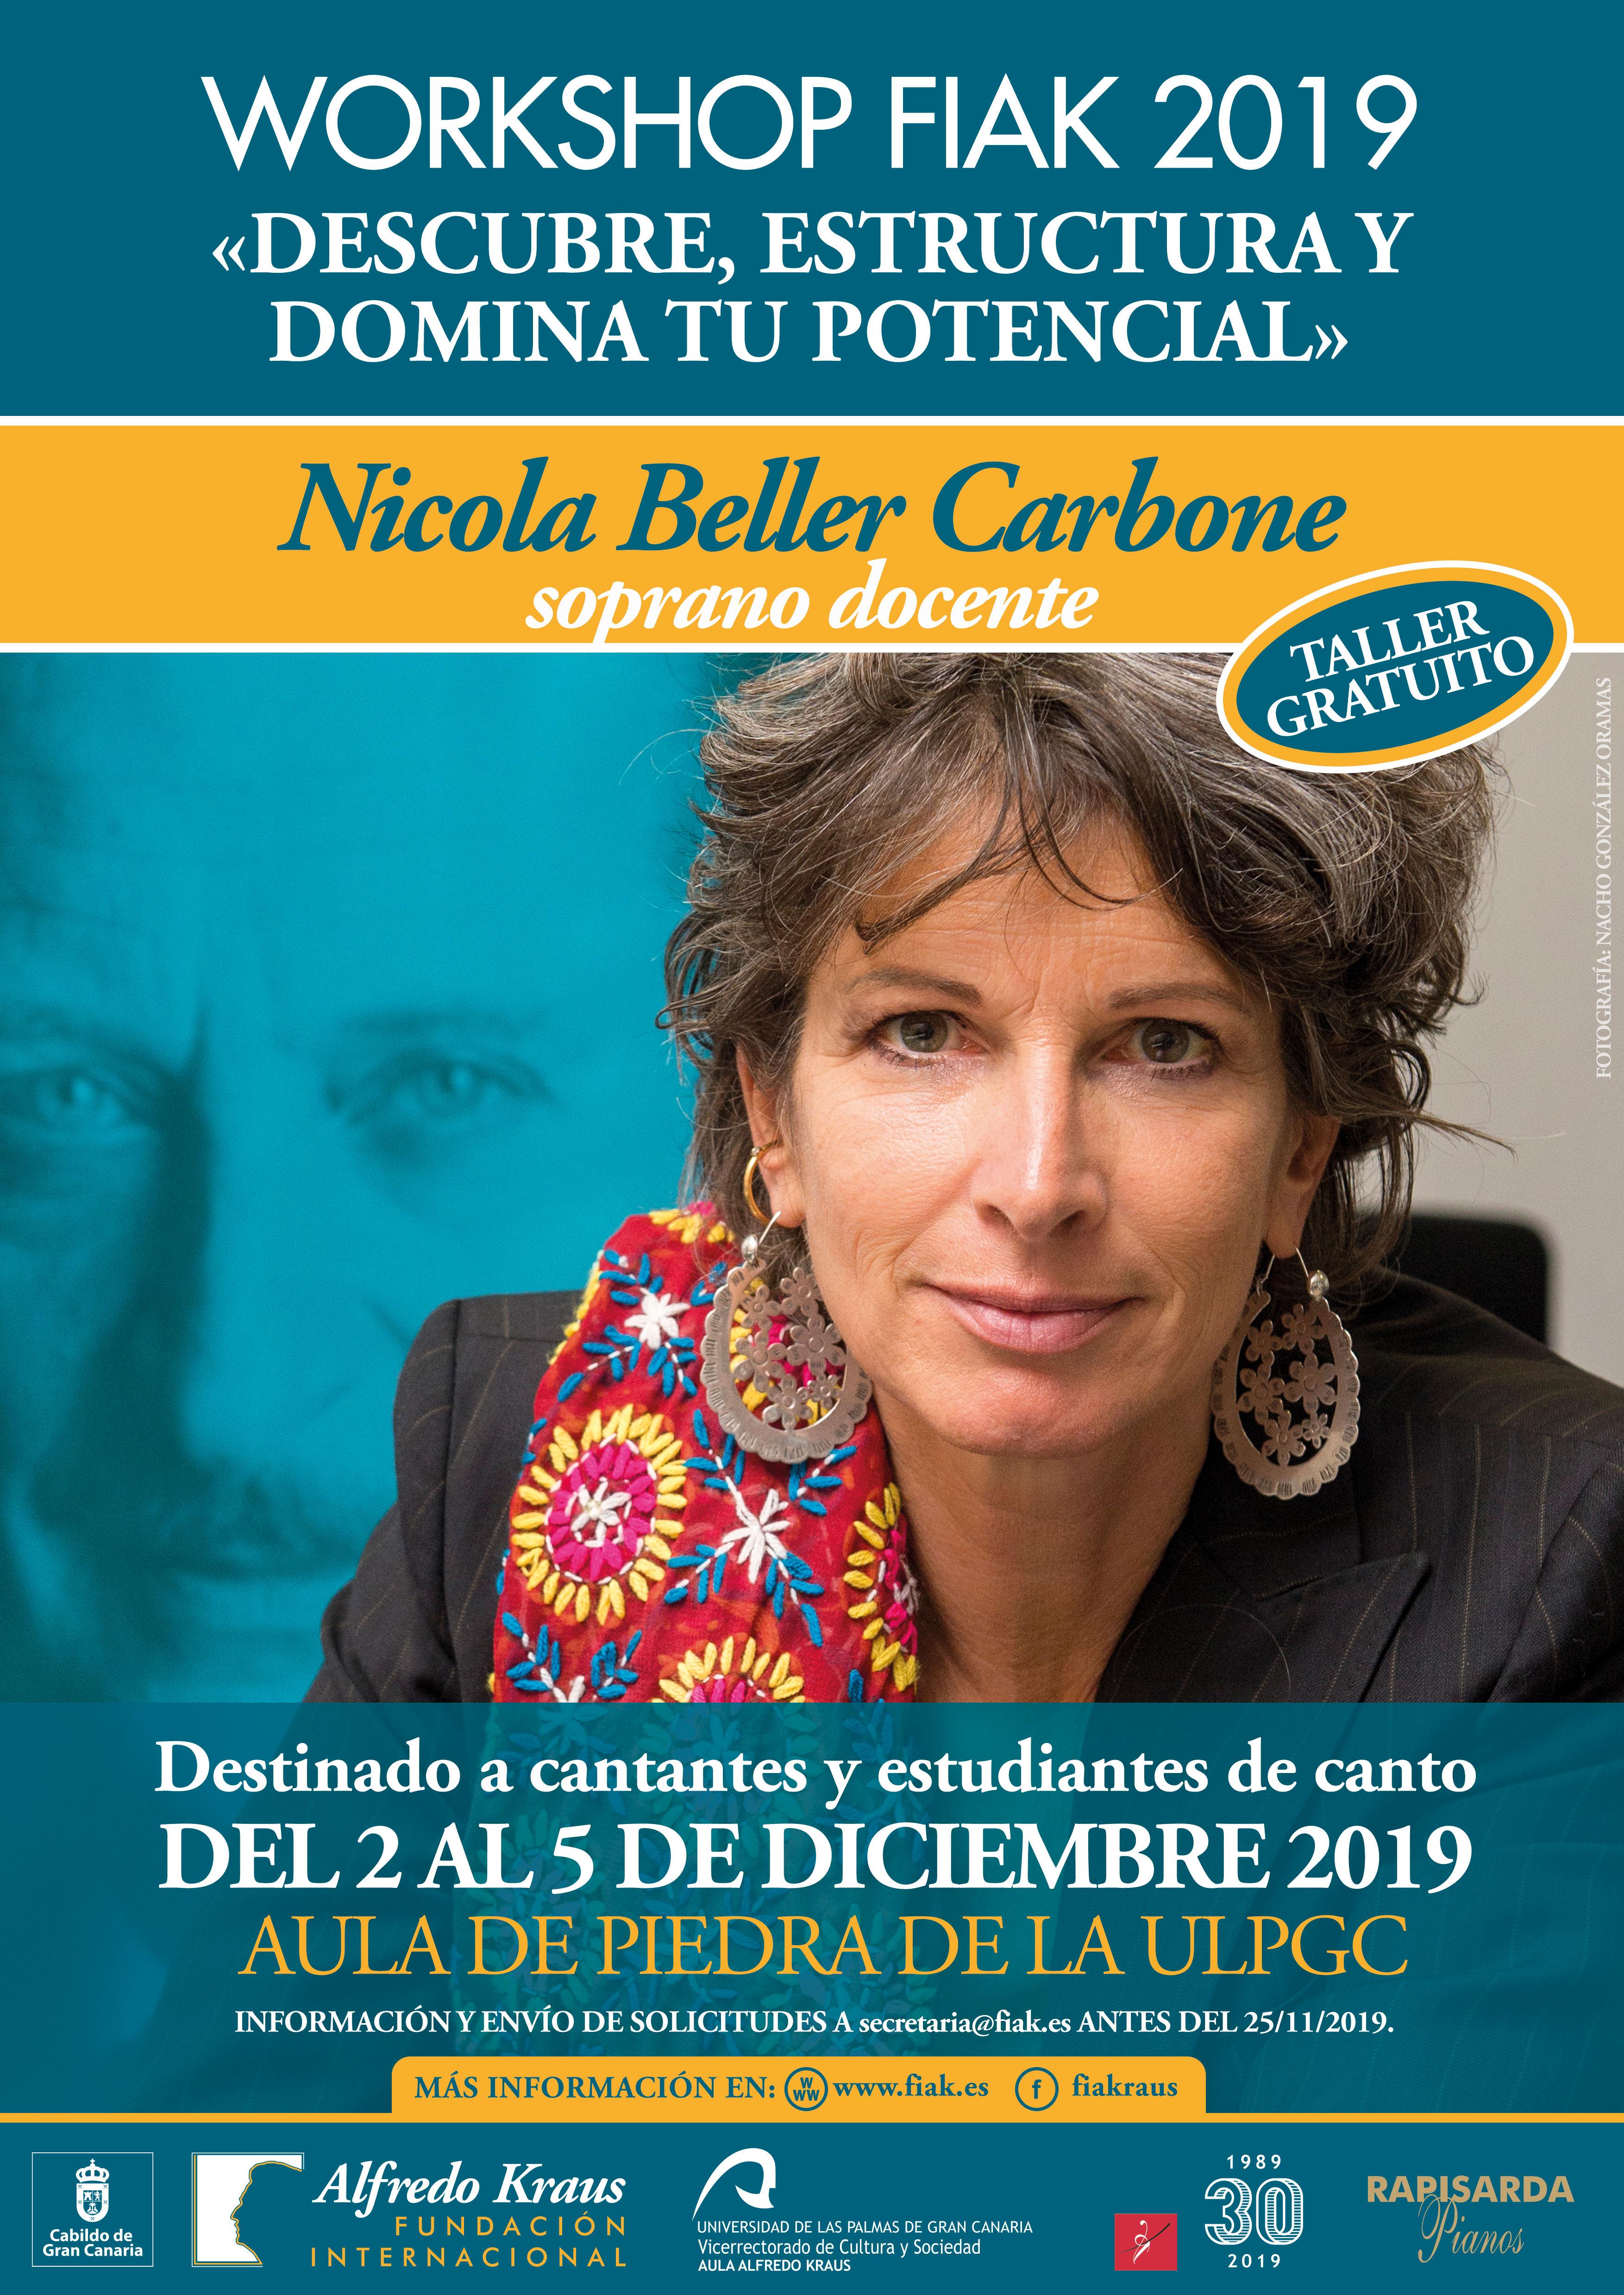 La soprano Nicola Beller Carbone impartirá el Workshop FIAK19 'Descubre, estructura  y domina tu potencial', dirigido a profesionales y estudiantes de canto